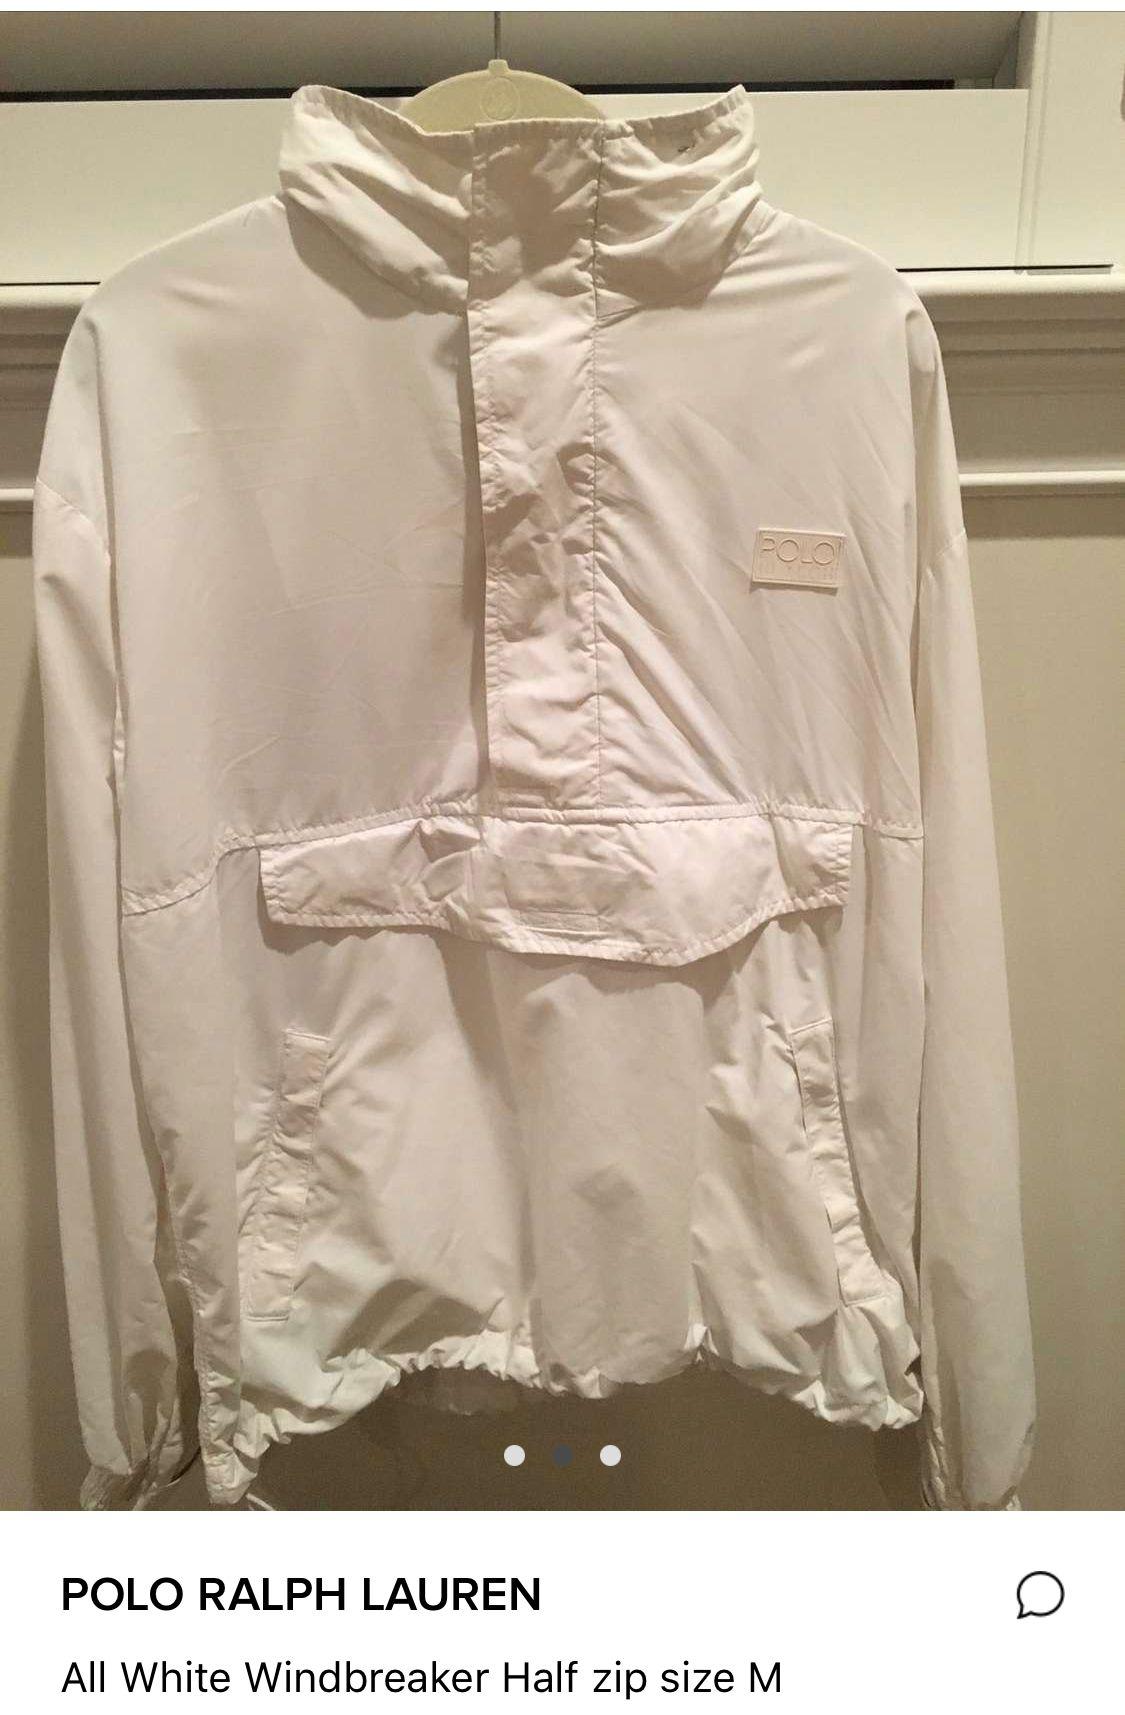 Polo Hi Tech Coke White pullover Polo ralph lauren